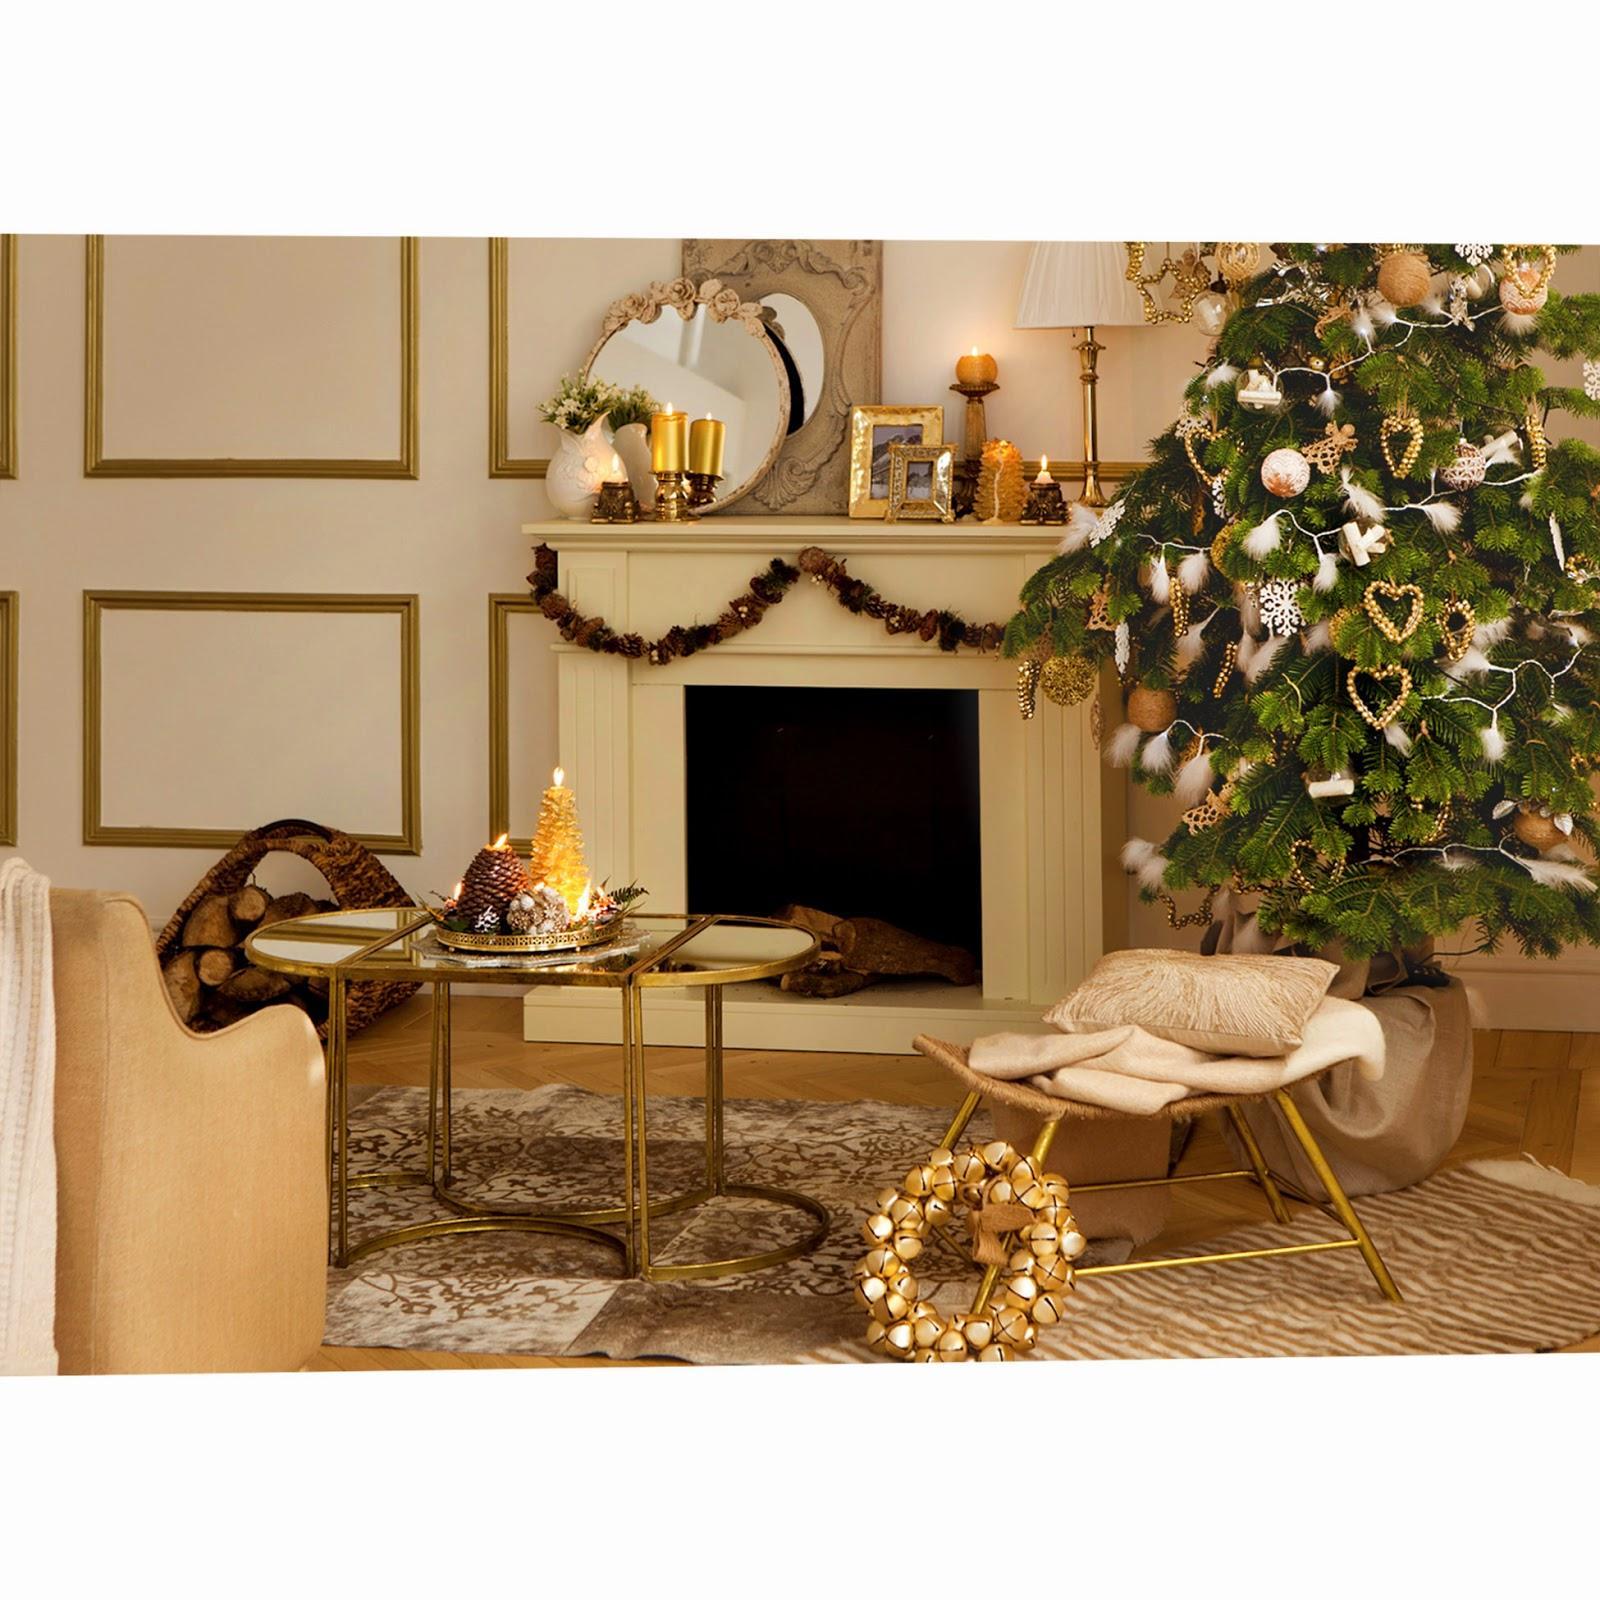 Vianoce - Obrázok č. 170